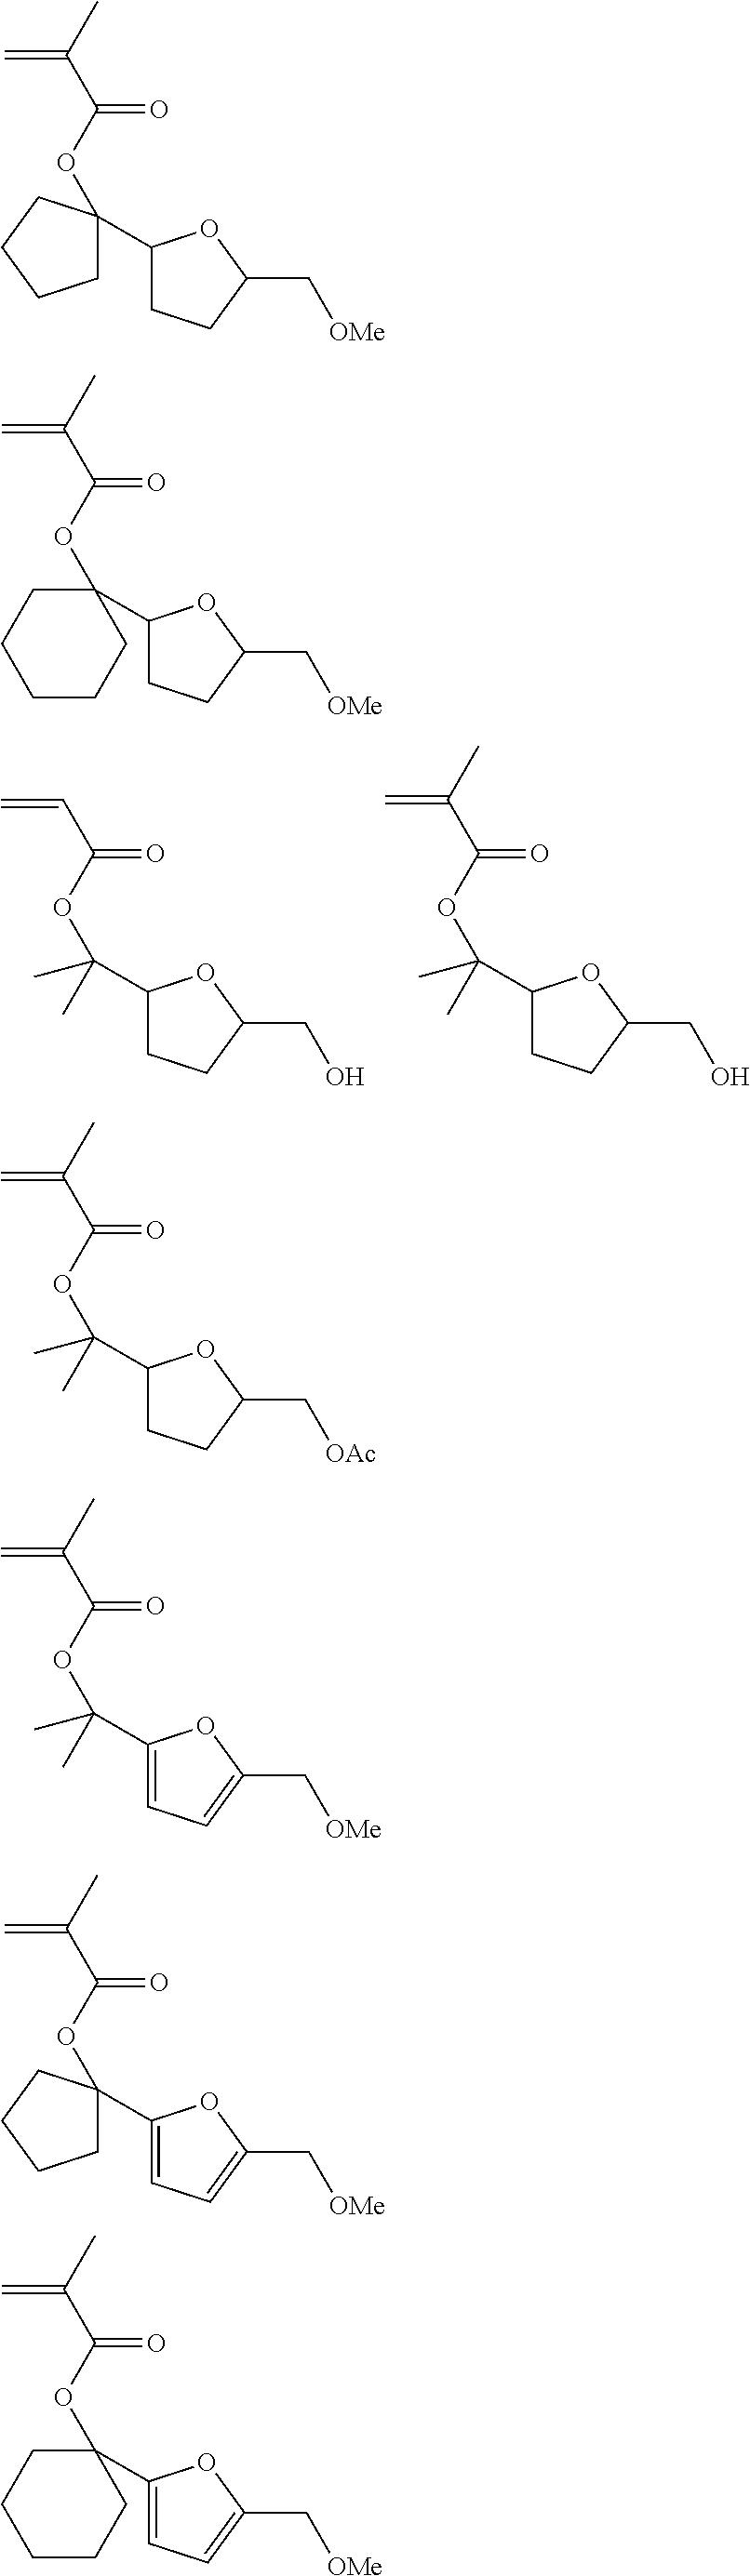 Figure US20110294070A1-20111201-C00062